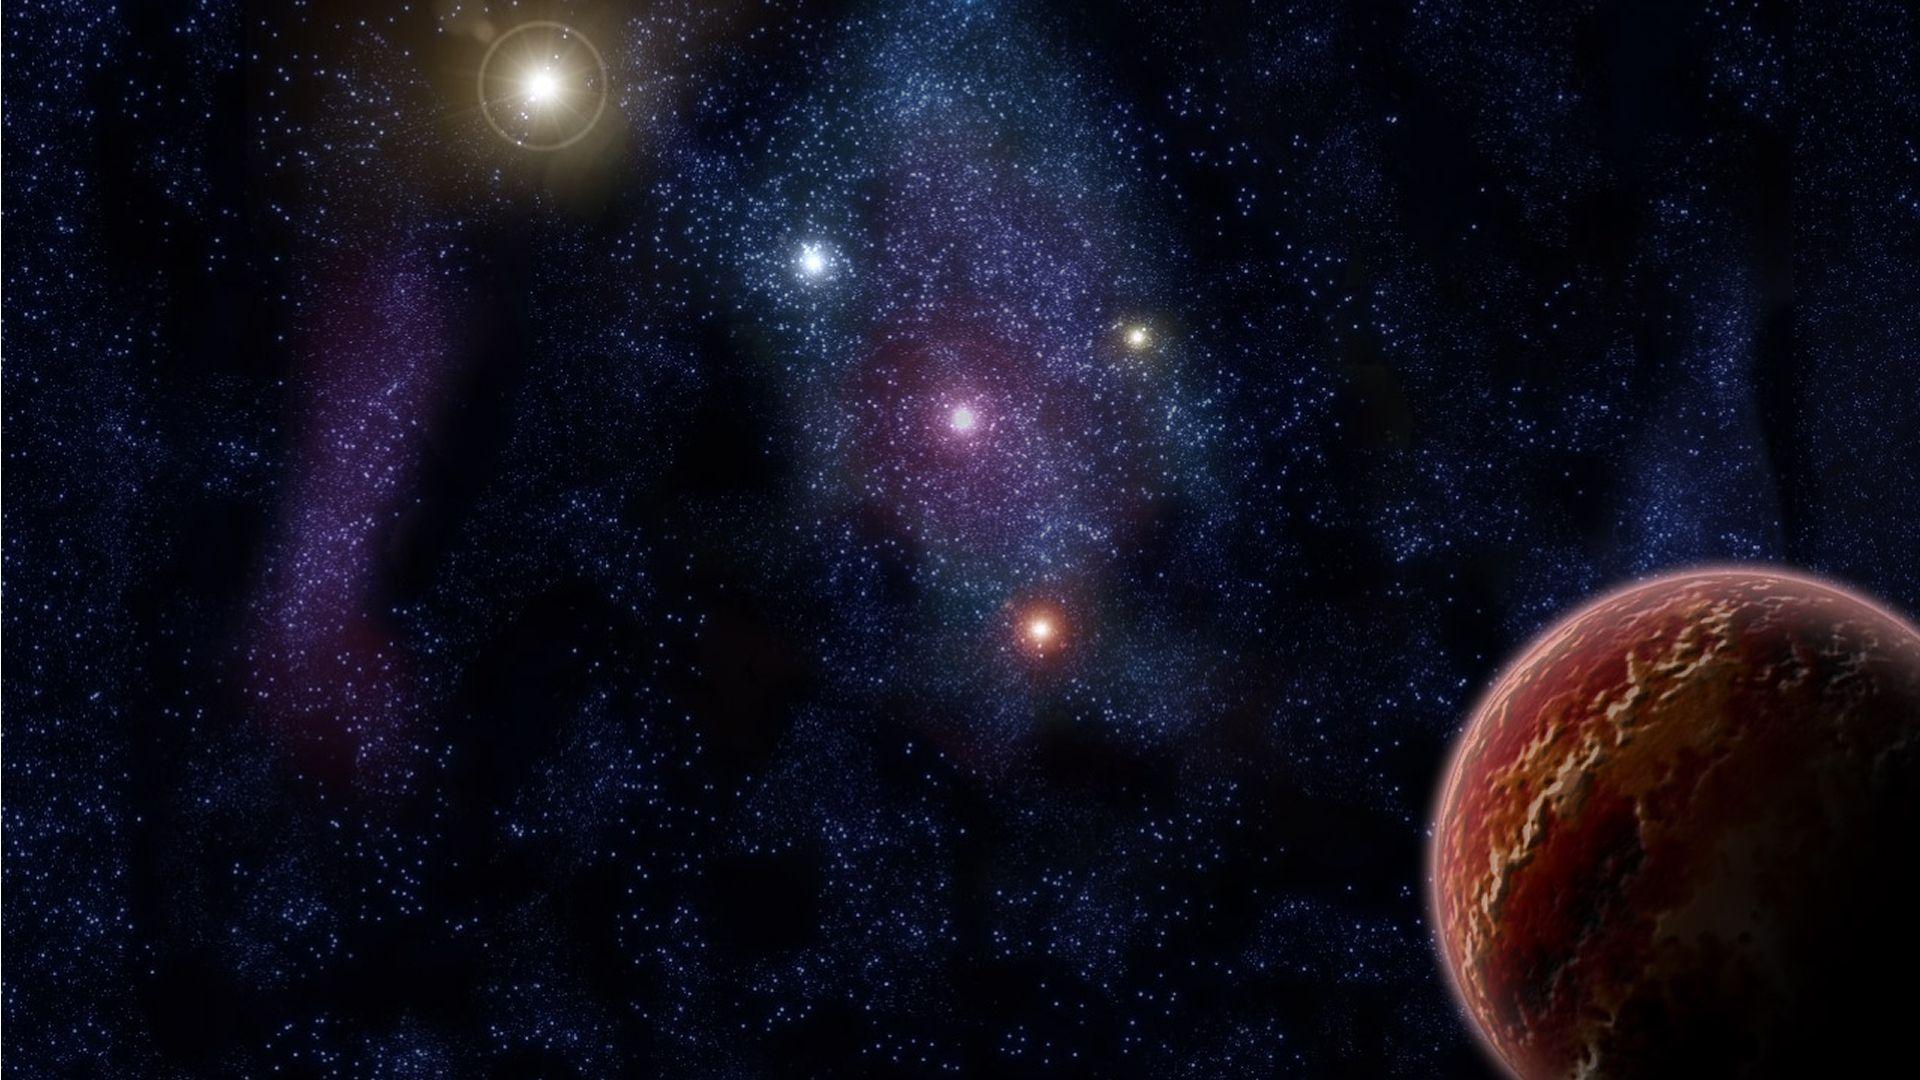 Solar System Wallpaper 16 1920x1080